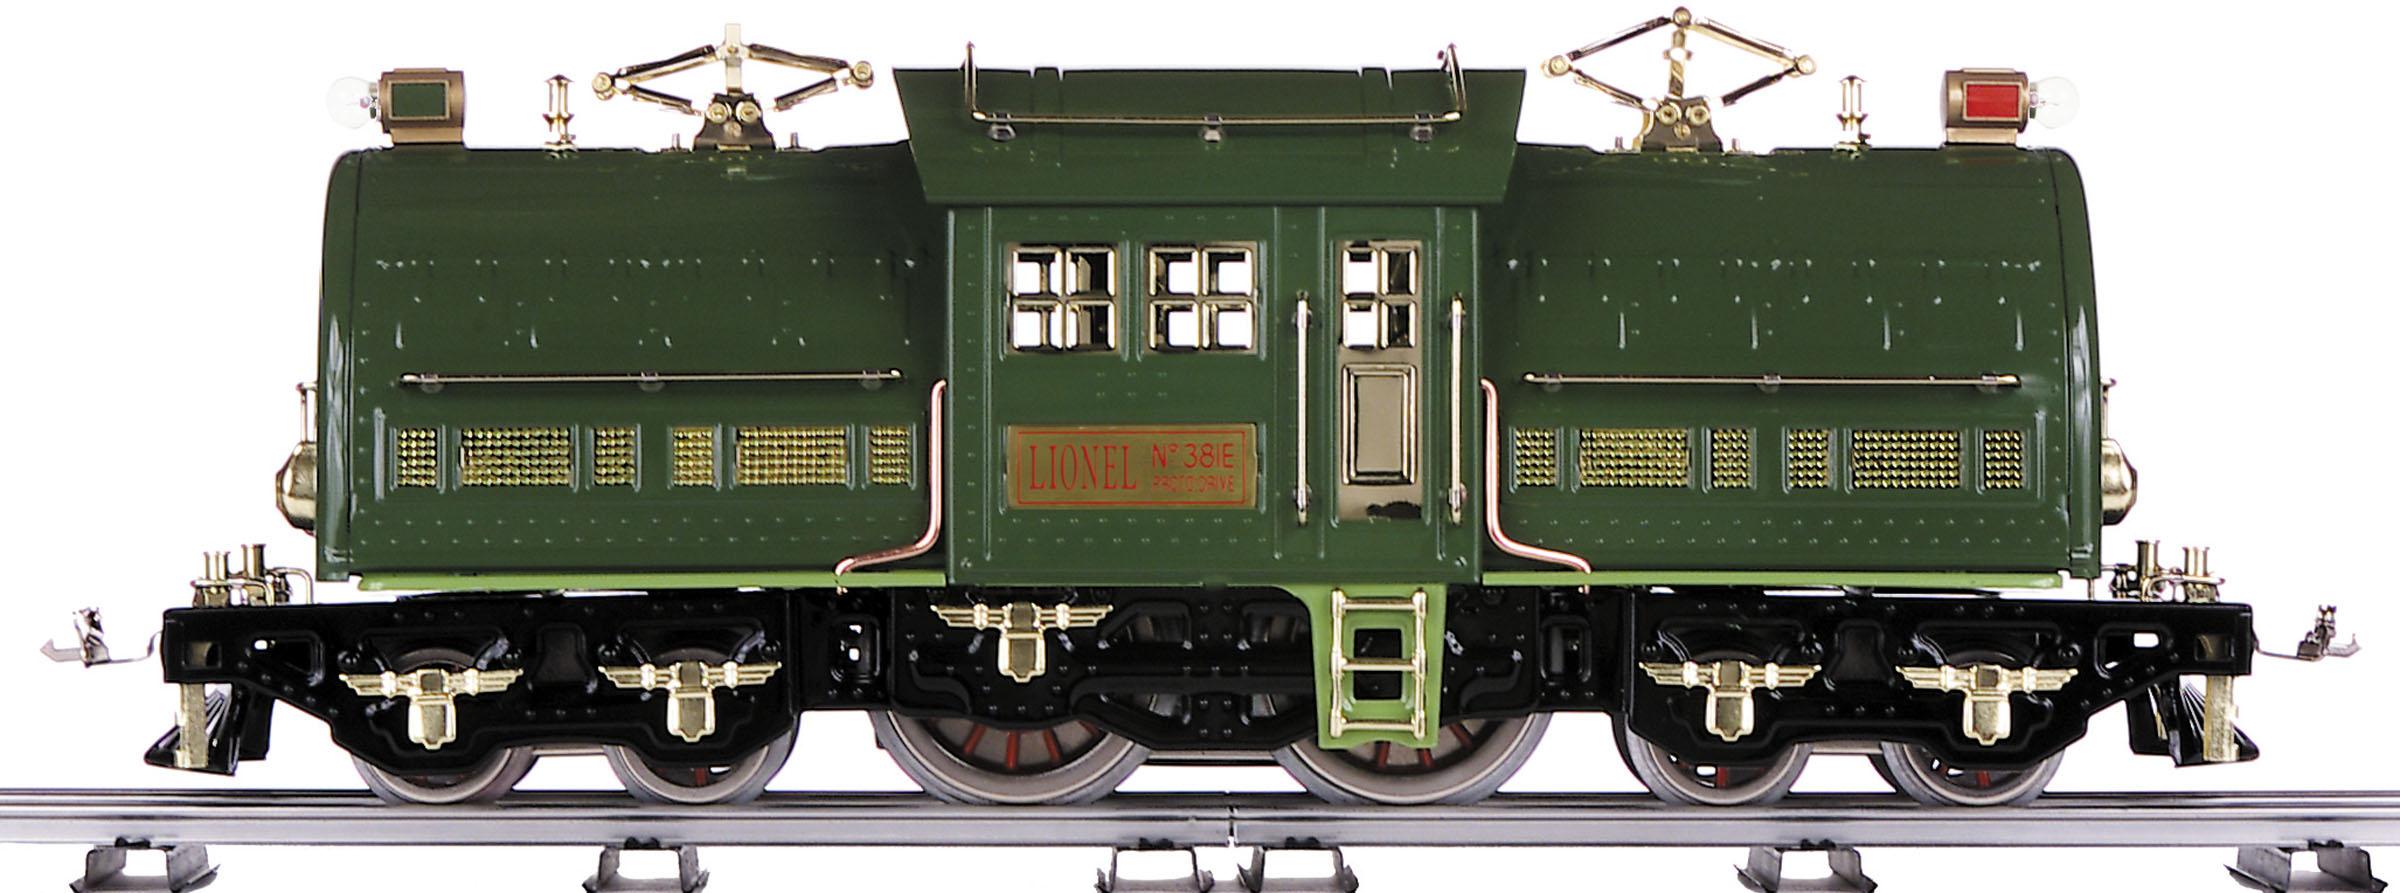 Lionel 2046w Tender Wiring Diagram Zeppelin Engine Diagram – Lionel 2046w Wiring-diagram